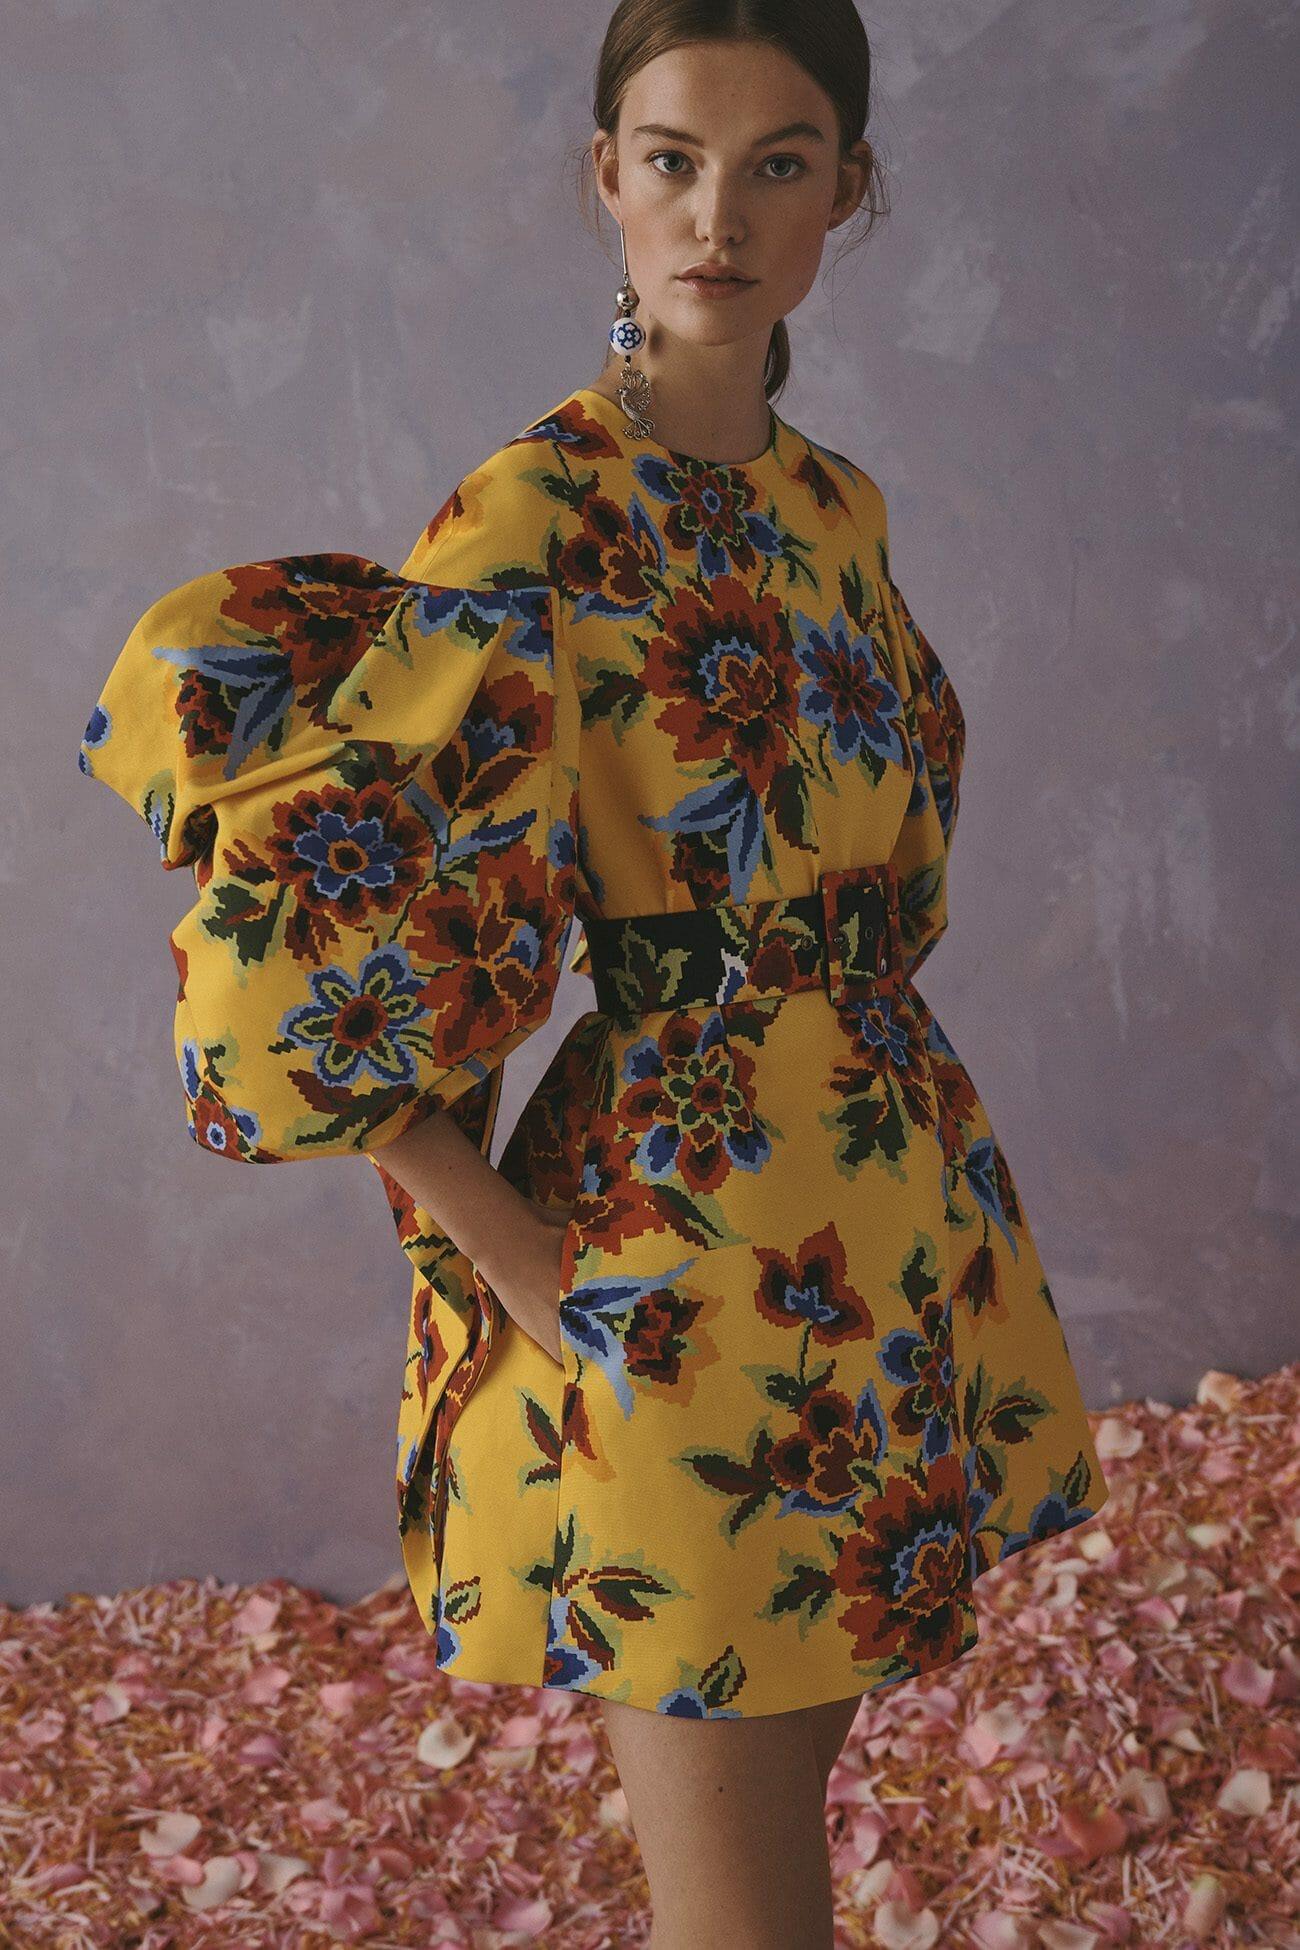 Carolina Herrera New York Resort 2020 Collection yellow dress with flowers belt